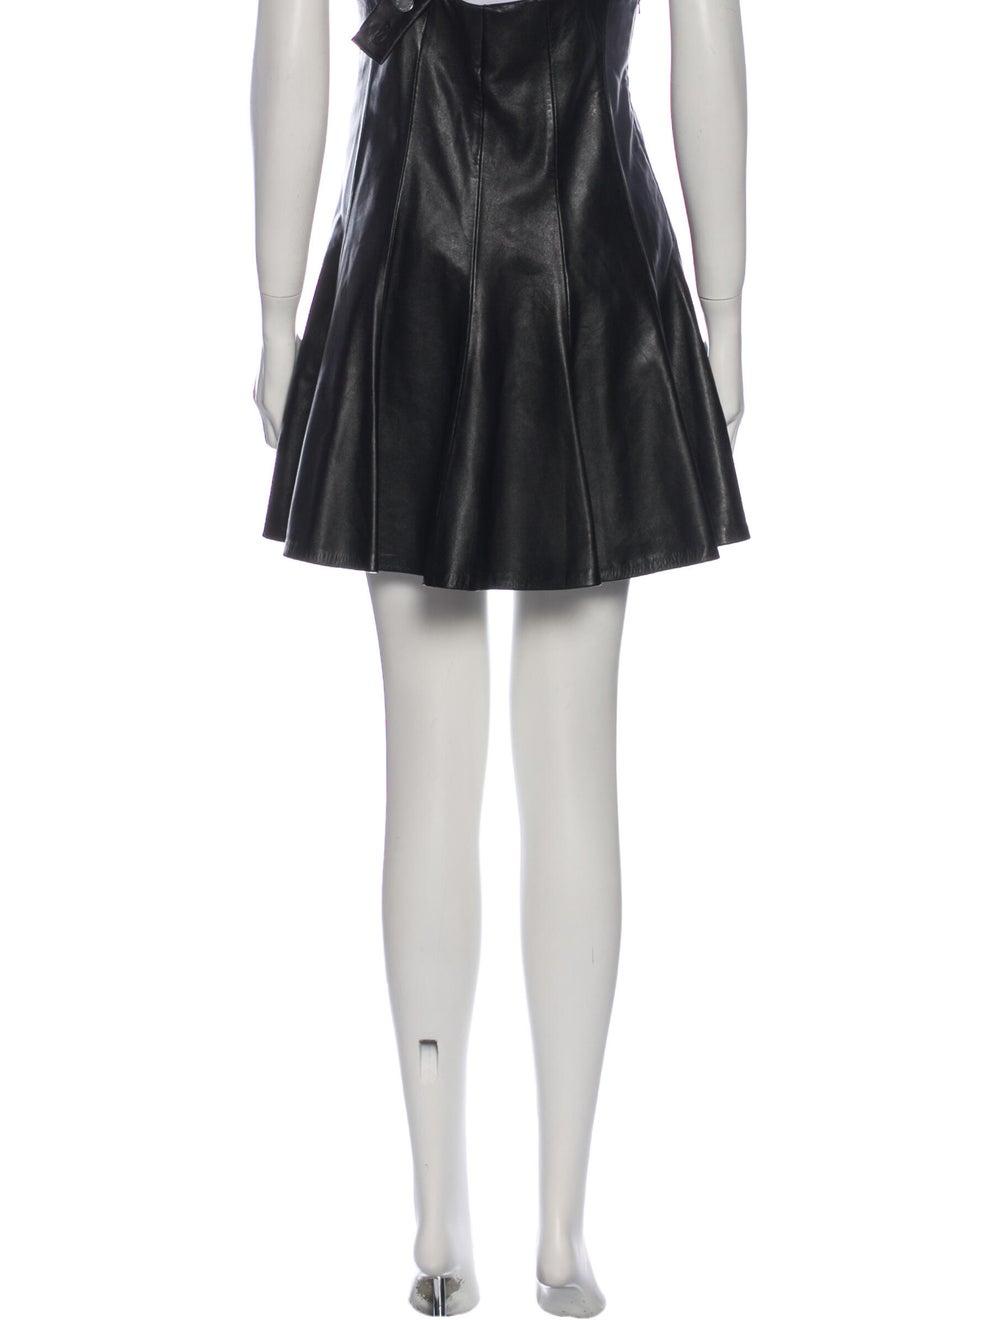 Sandro Leather Knee-Length Skirt Black - image 3